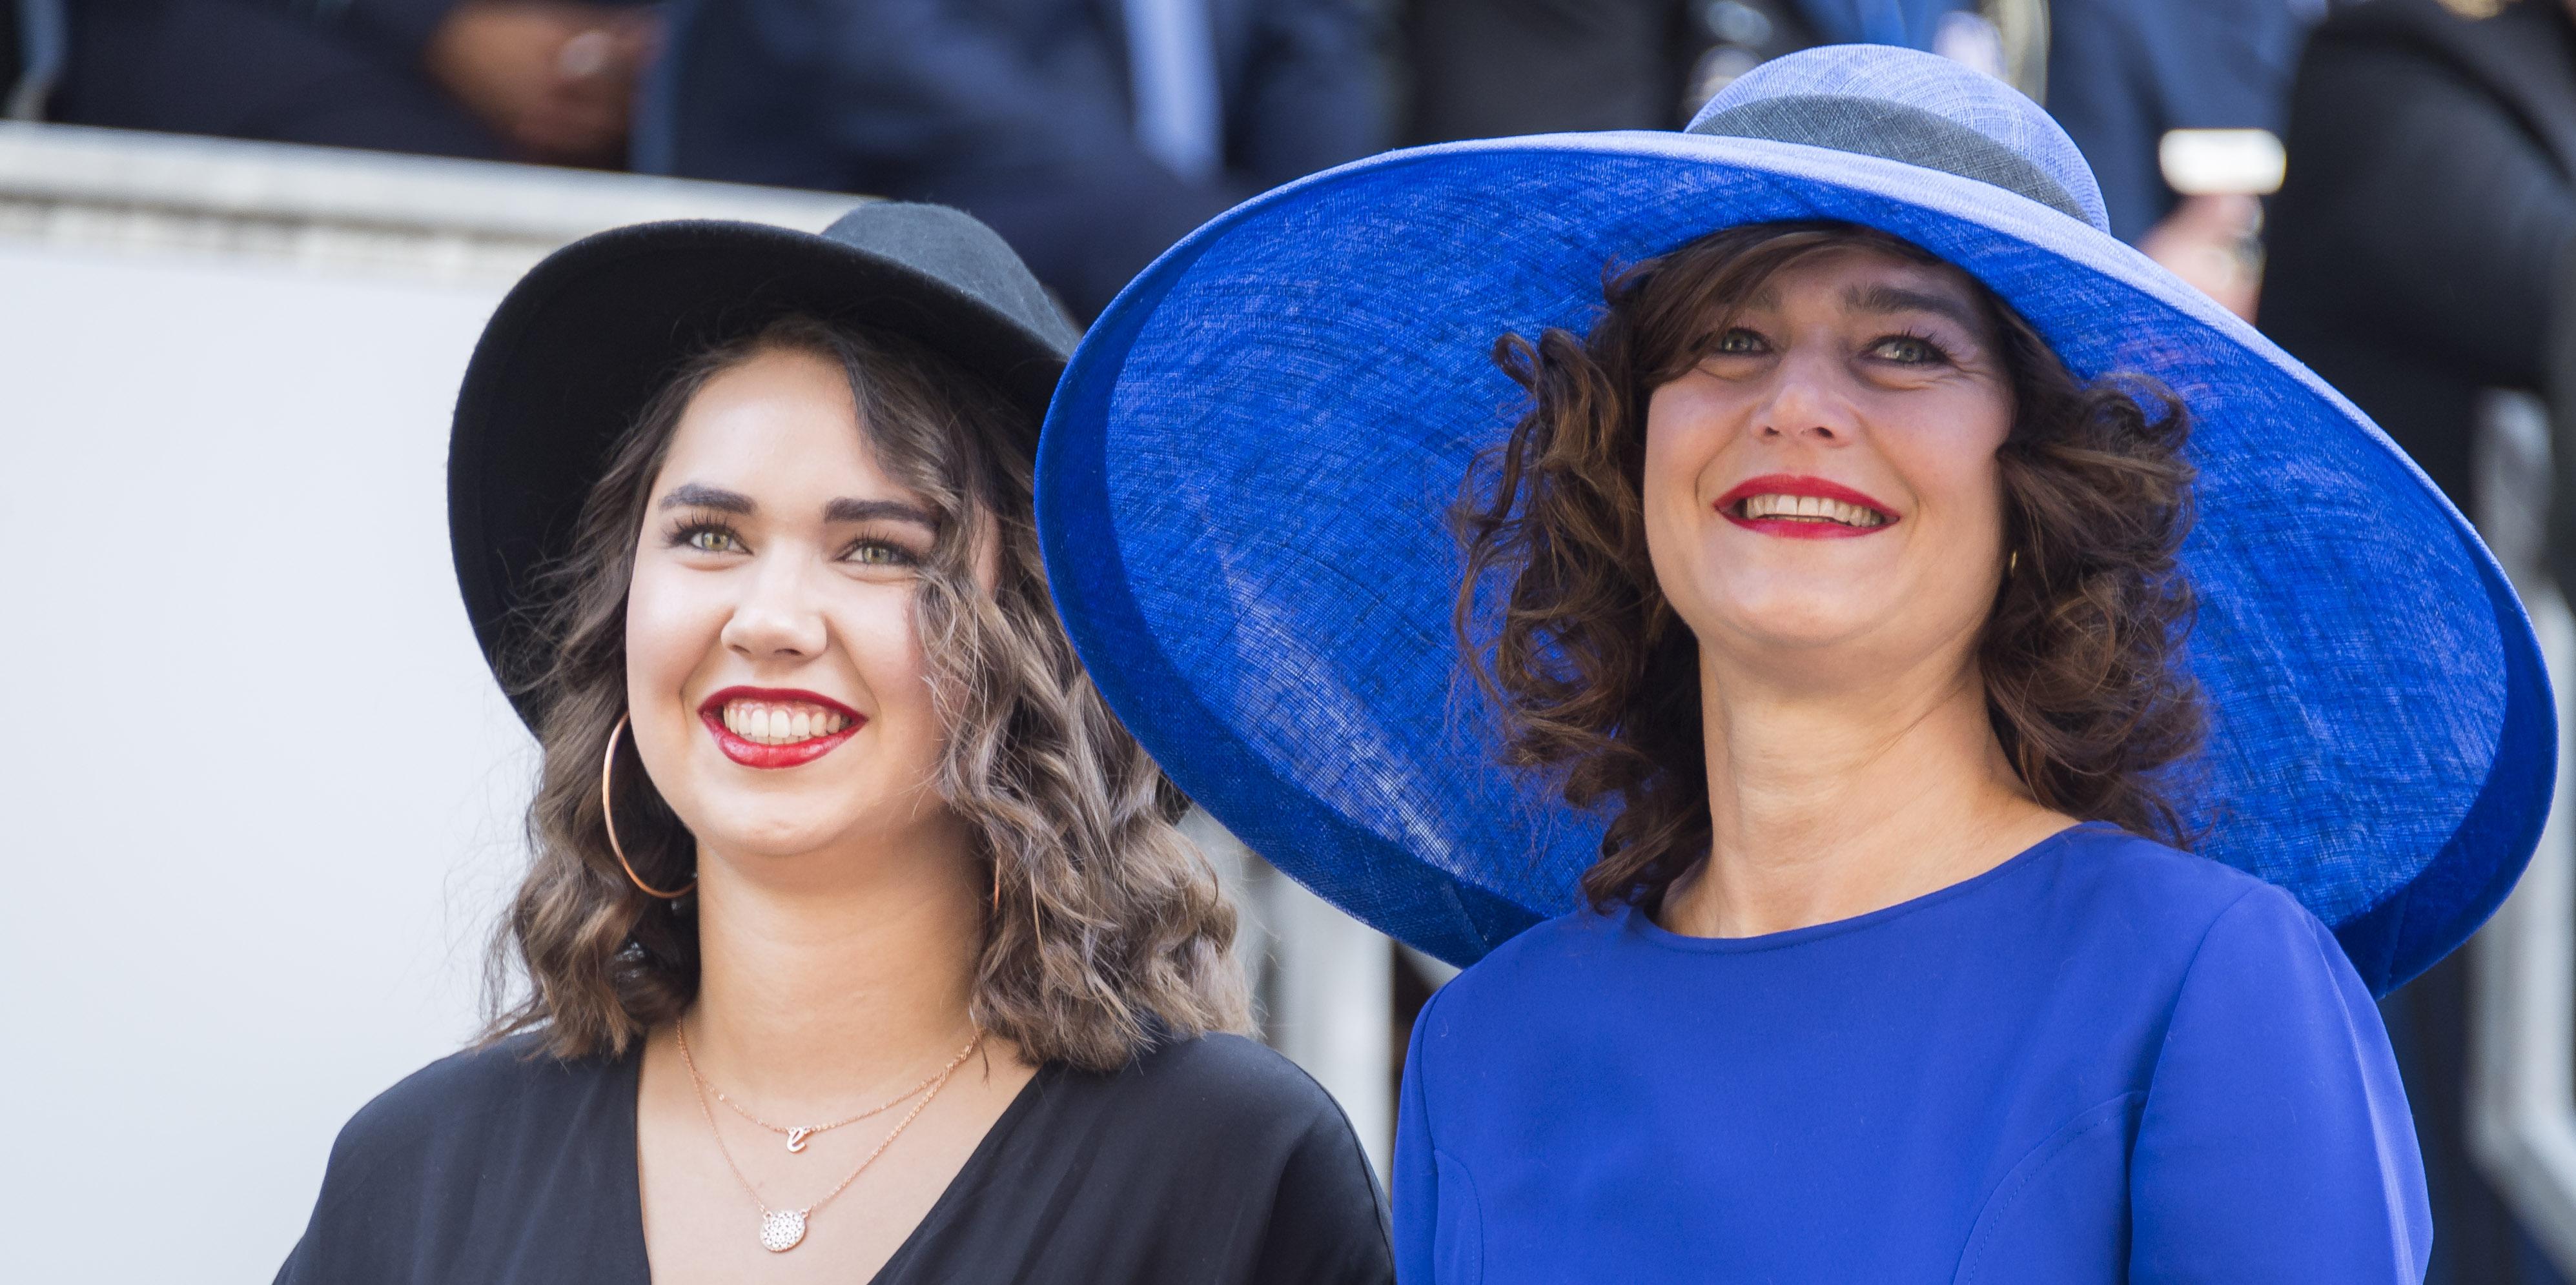 VVD-Kamerlid Anouchka van Miltenburg bij de Ridderzaal op Prinsjesdag. ANP